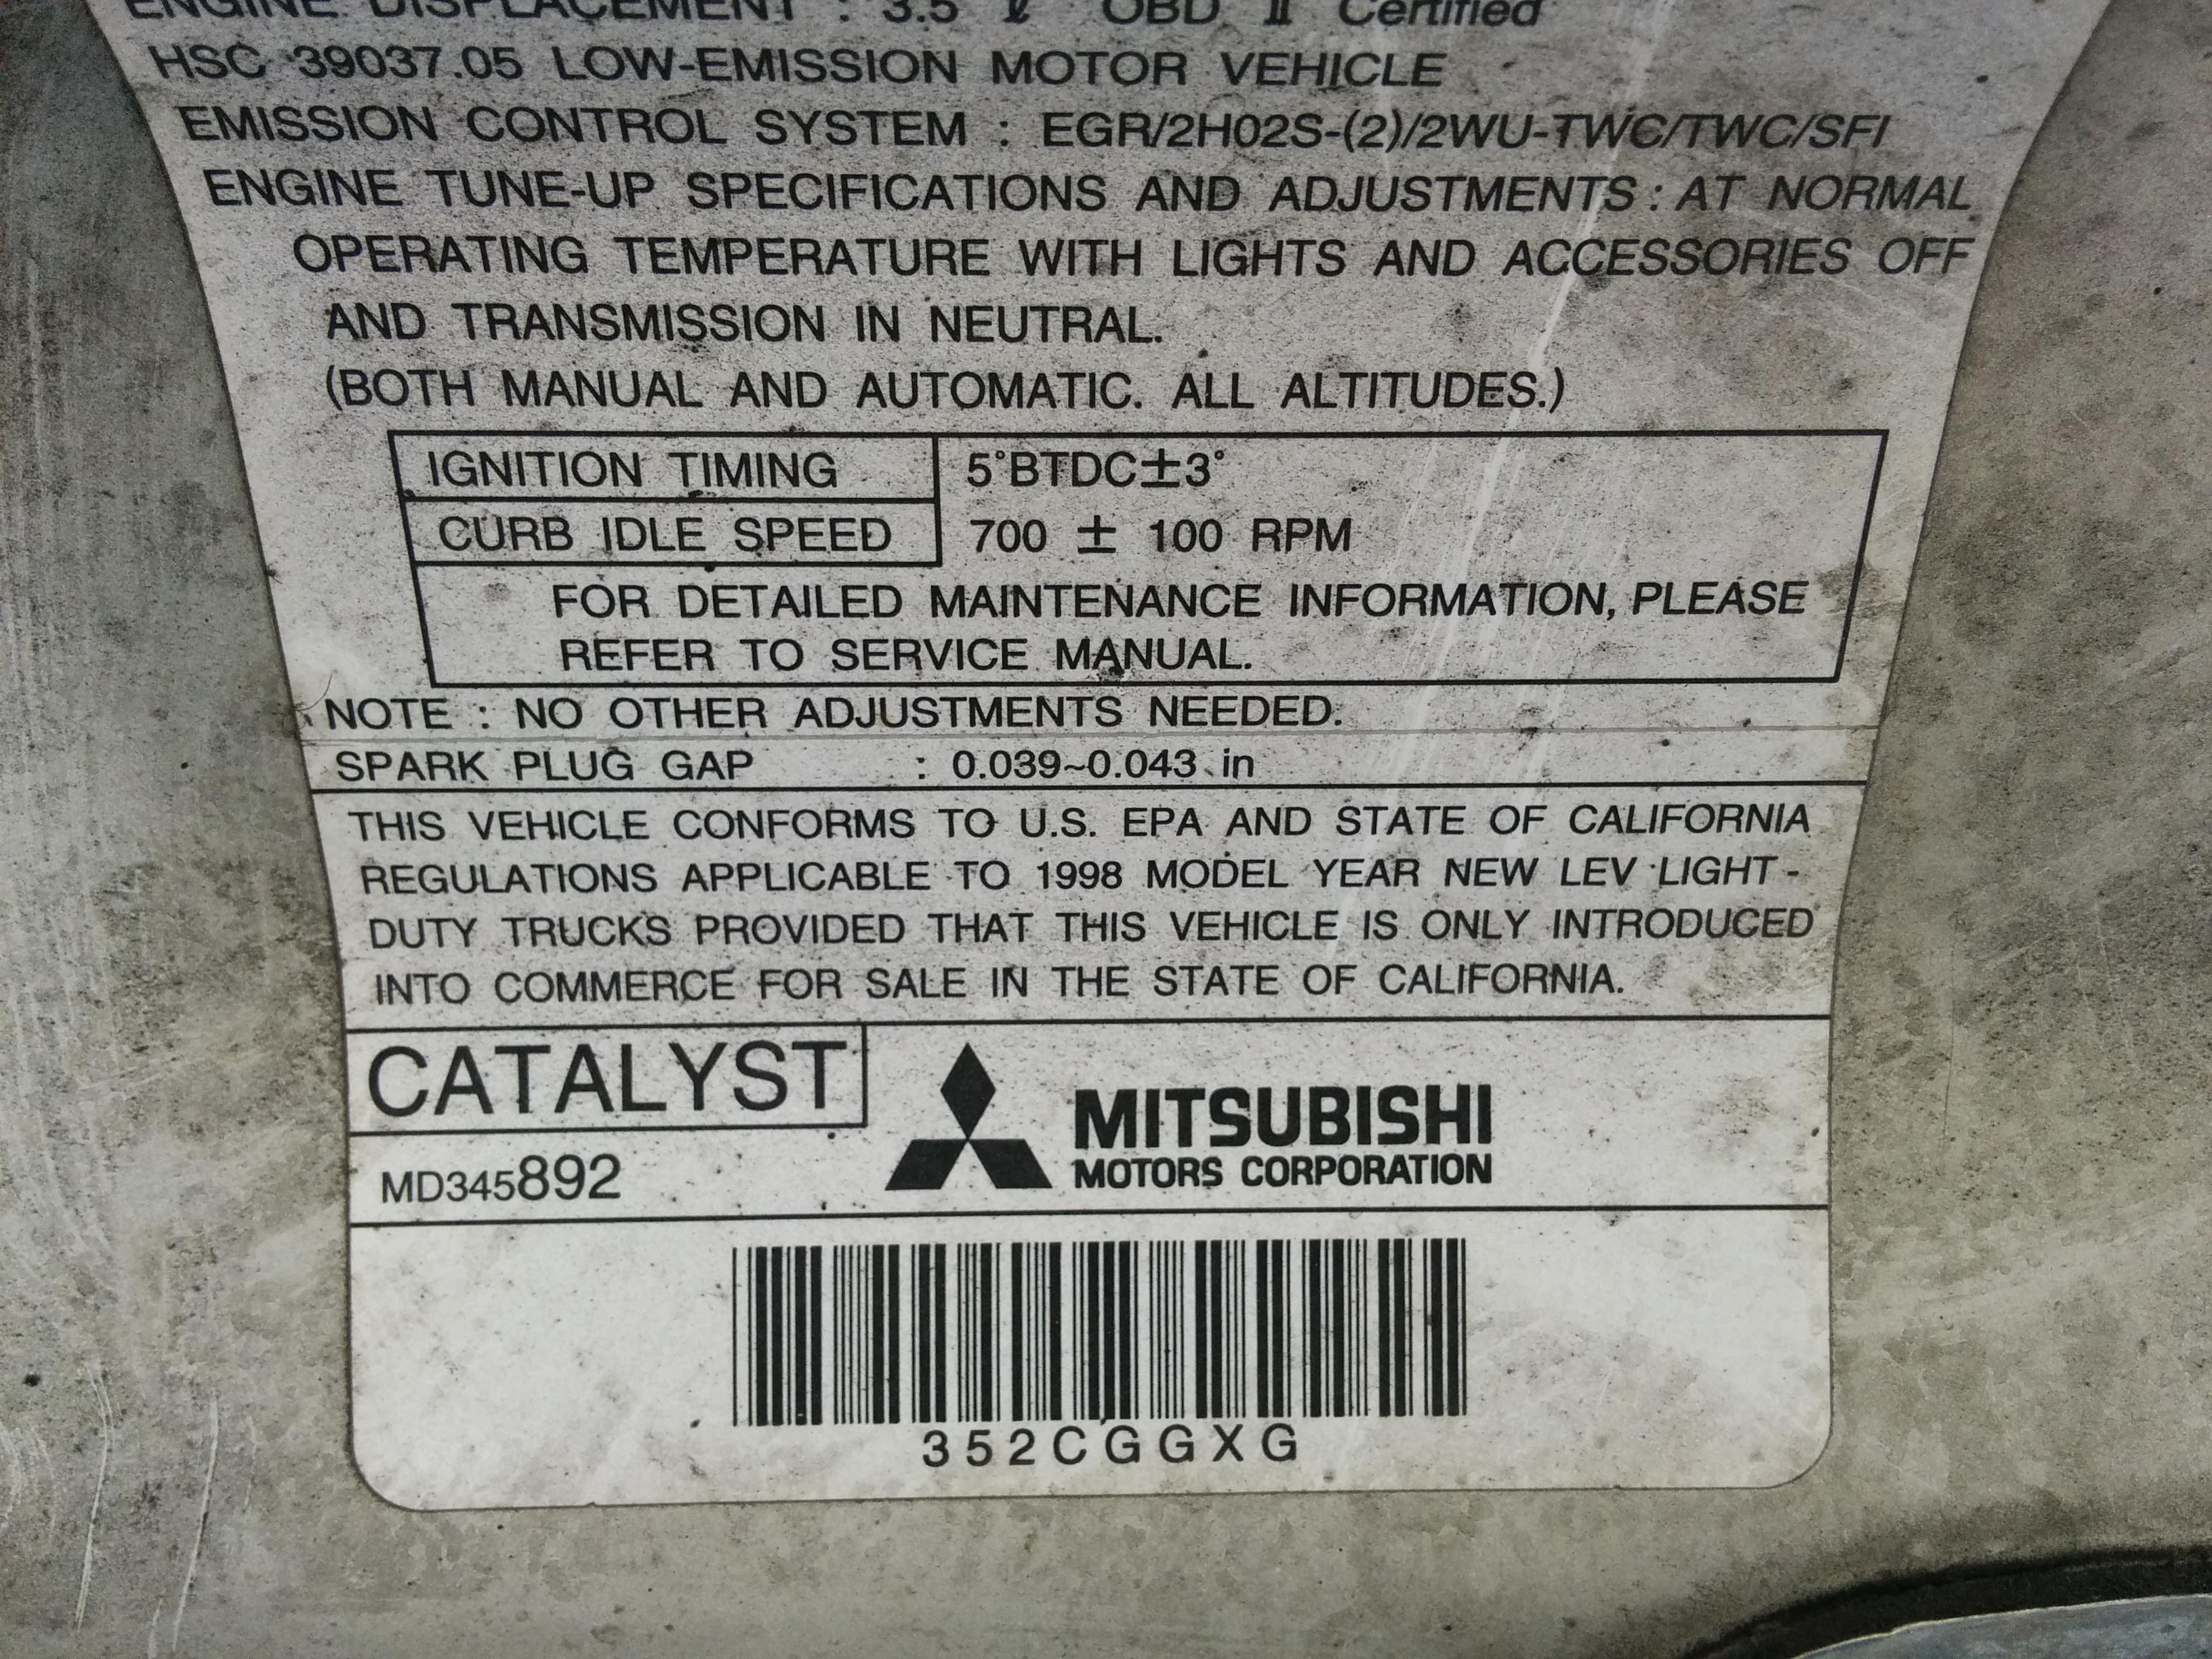 98 montero california emissions